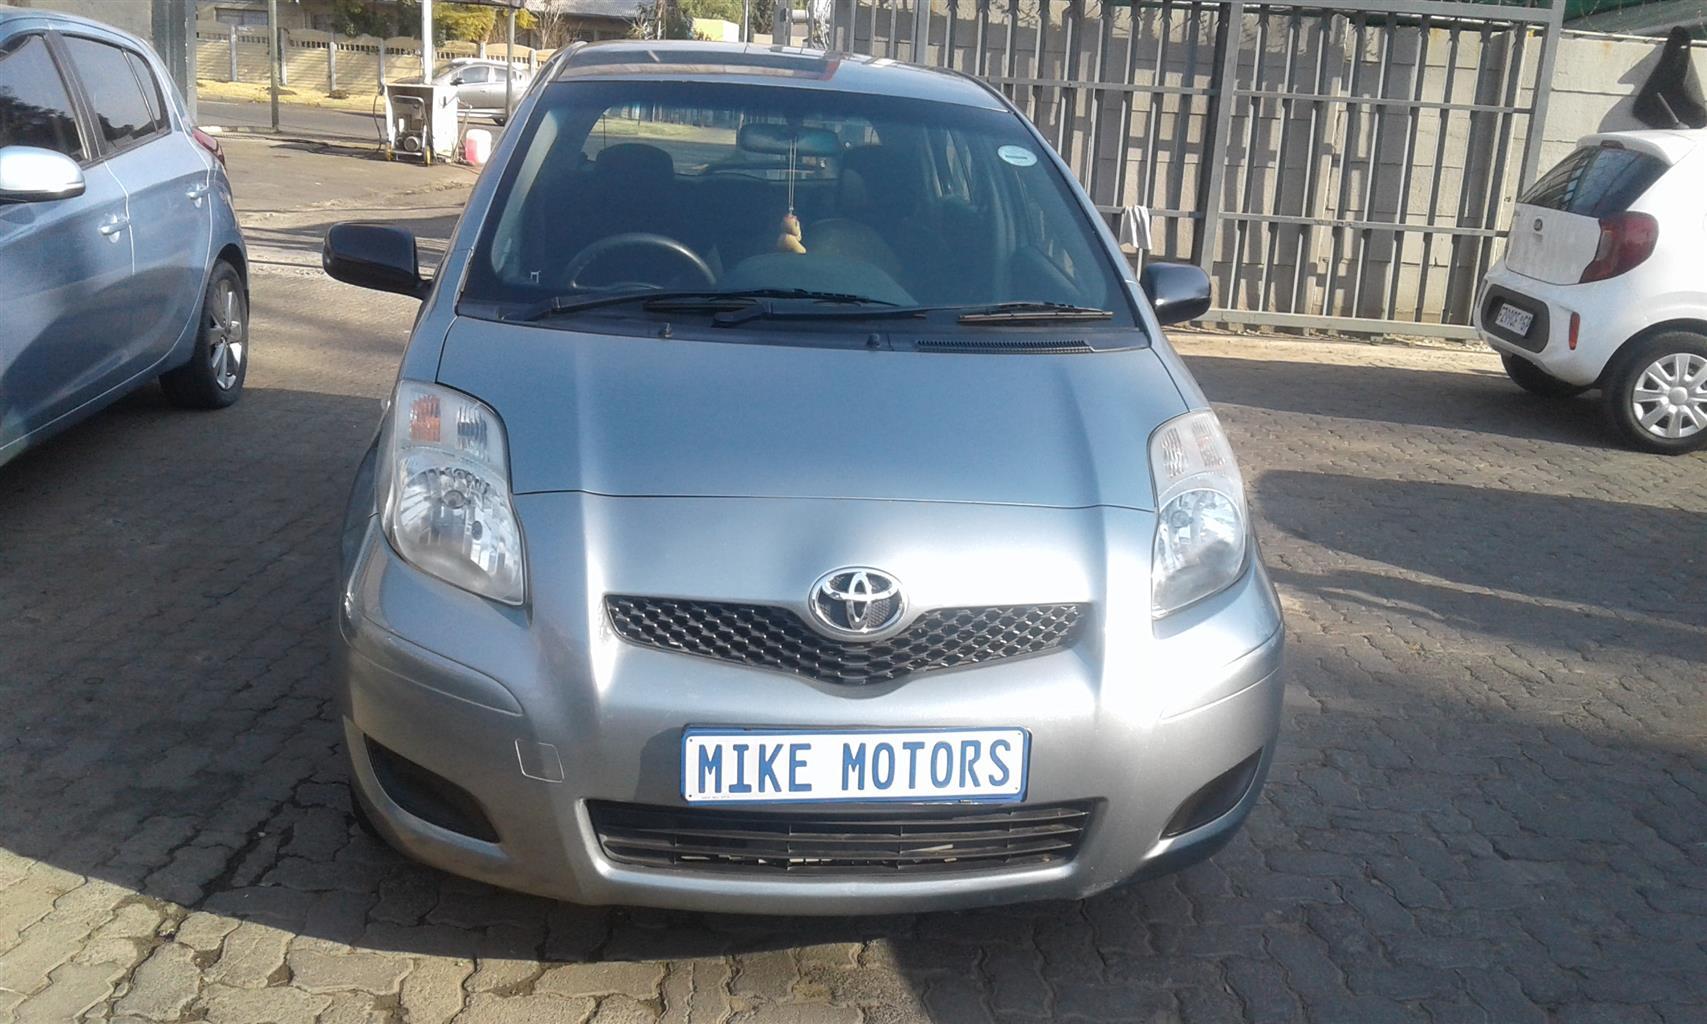 2010 Toyota Yaris 1.0 3 door T1